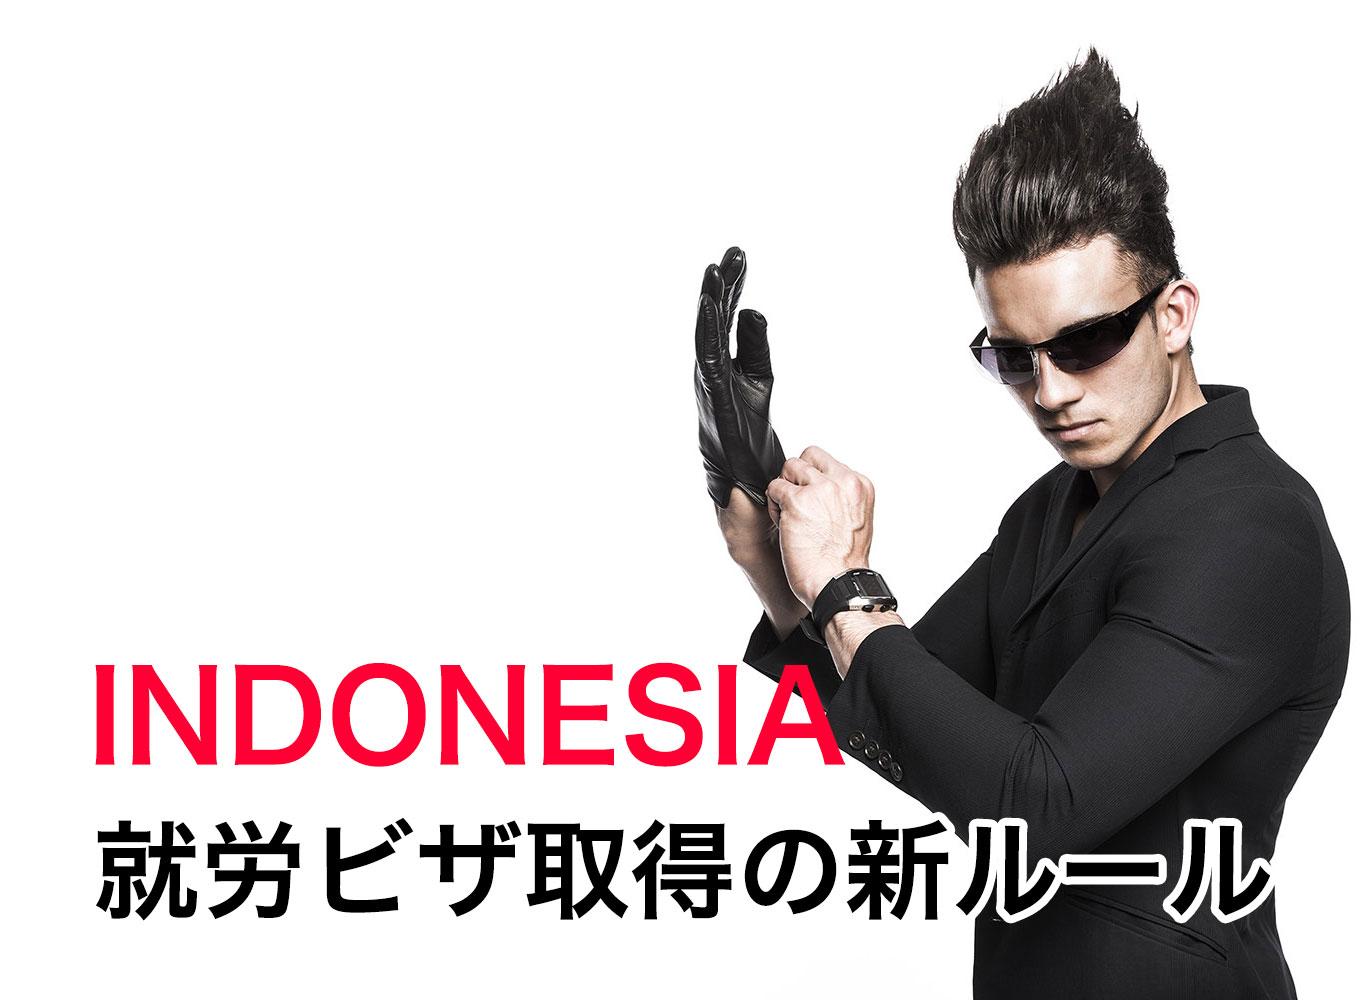 インドネシア 就労ビザ取得の新ルール